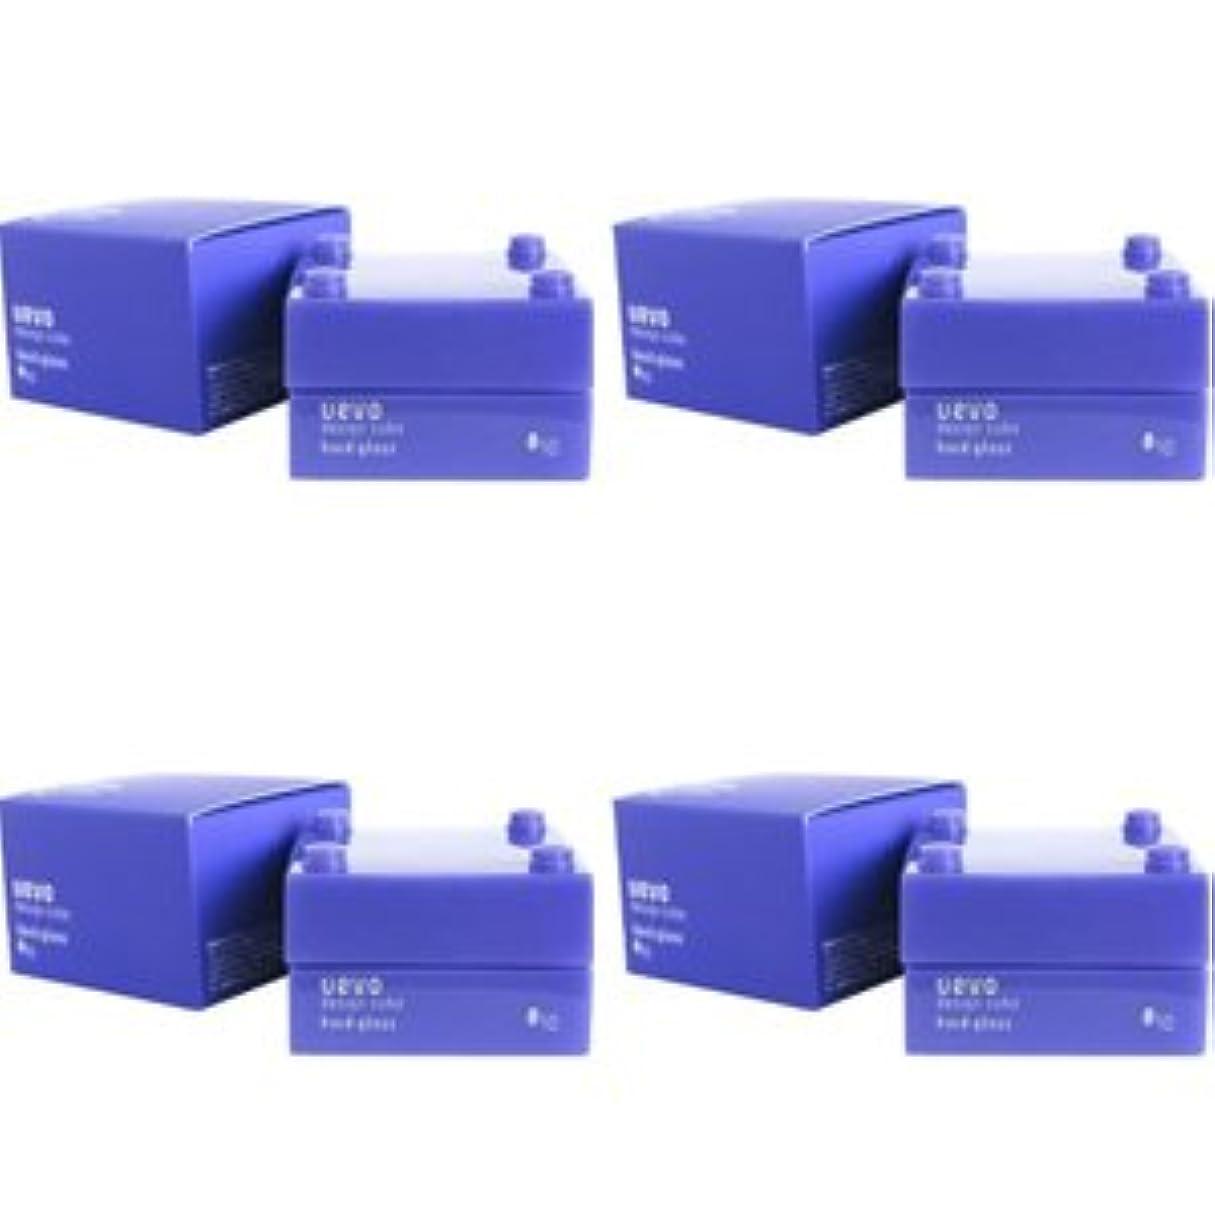 セイはさておき収入ランチ【X4個セット】 デミ ウェーボ デザインキューブ ハードグロス 30g hard gloss DEMI uevo design cube